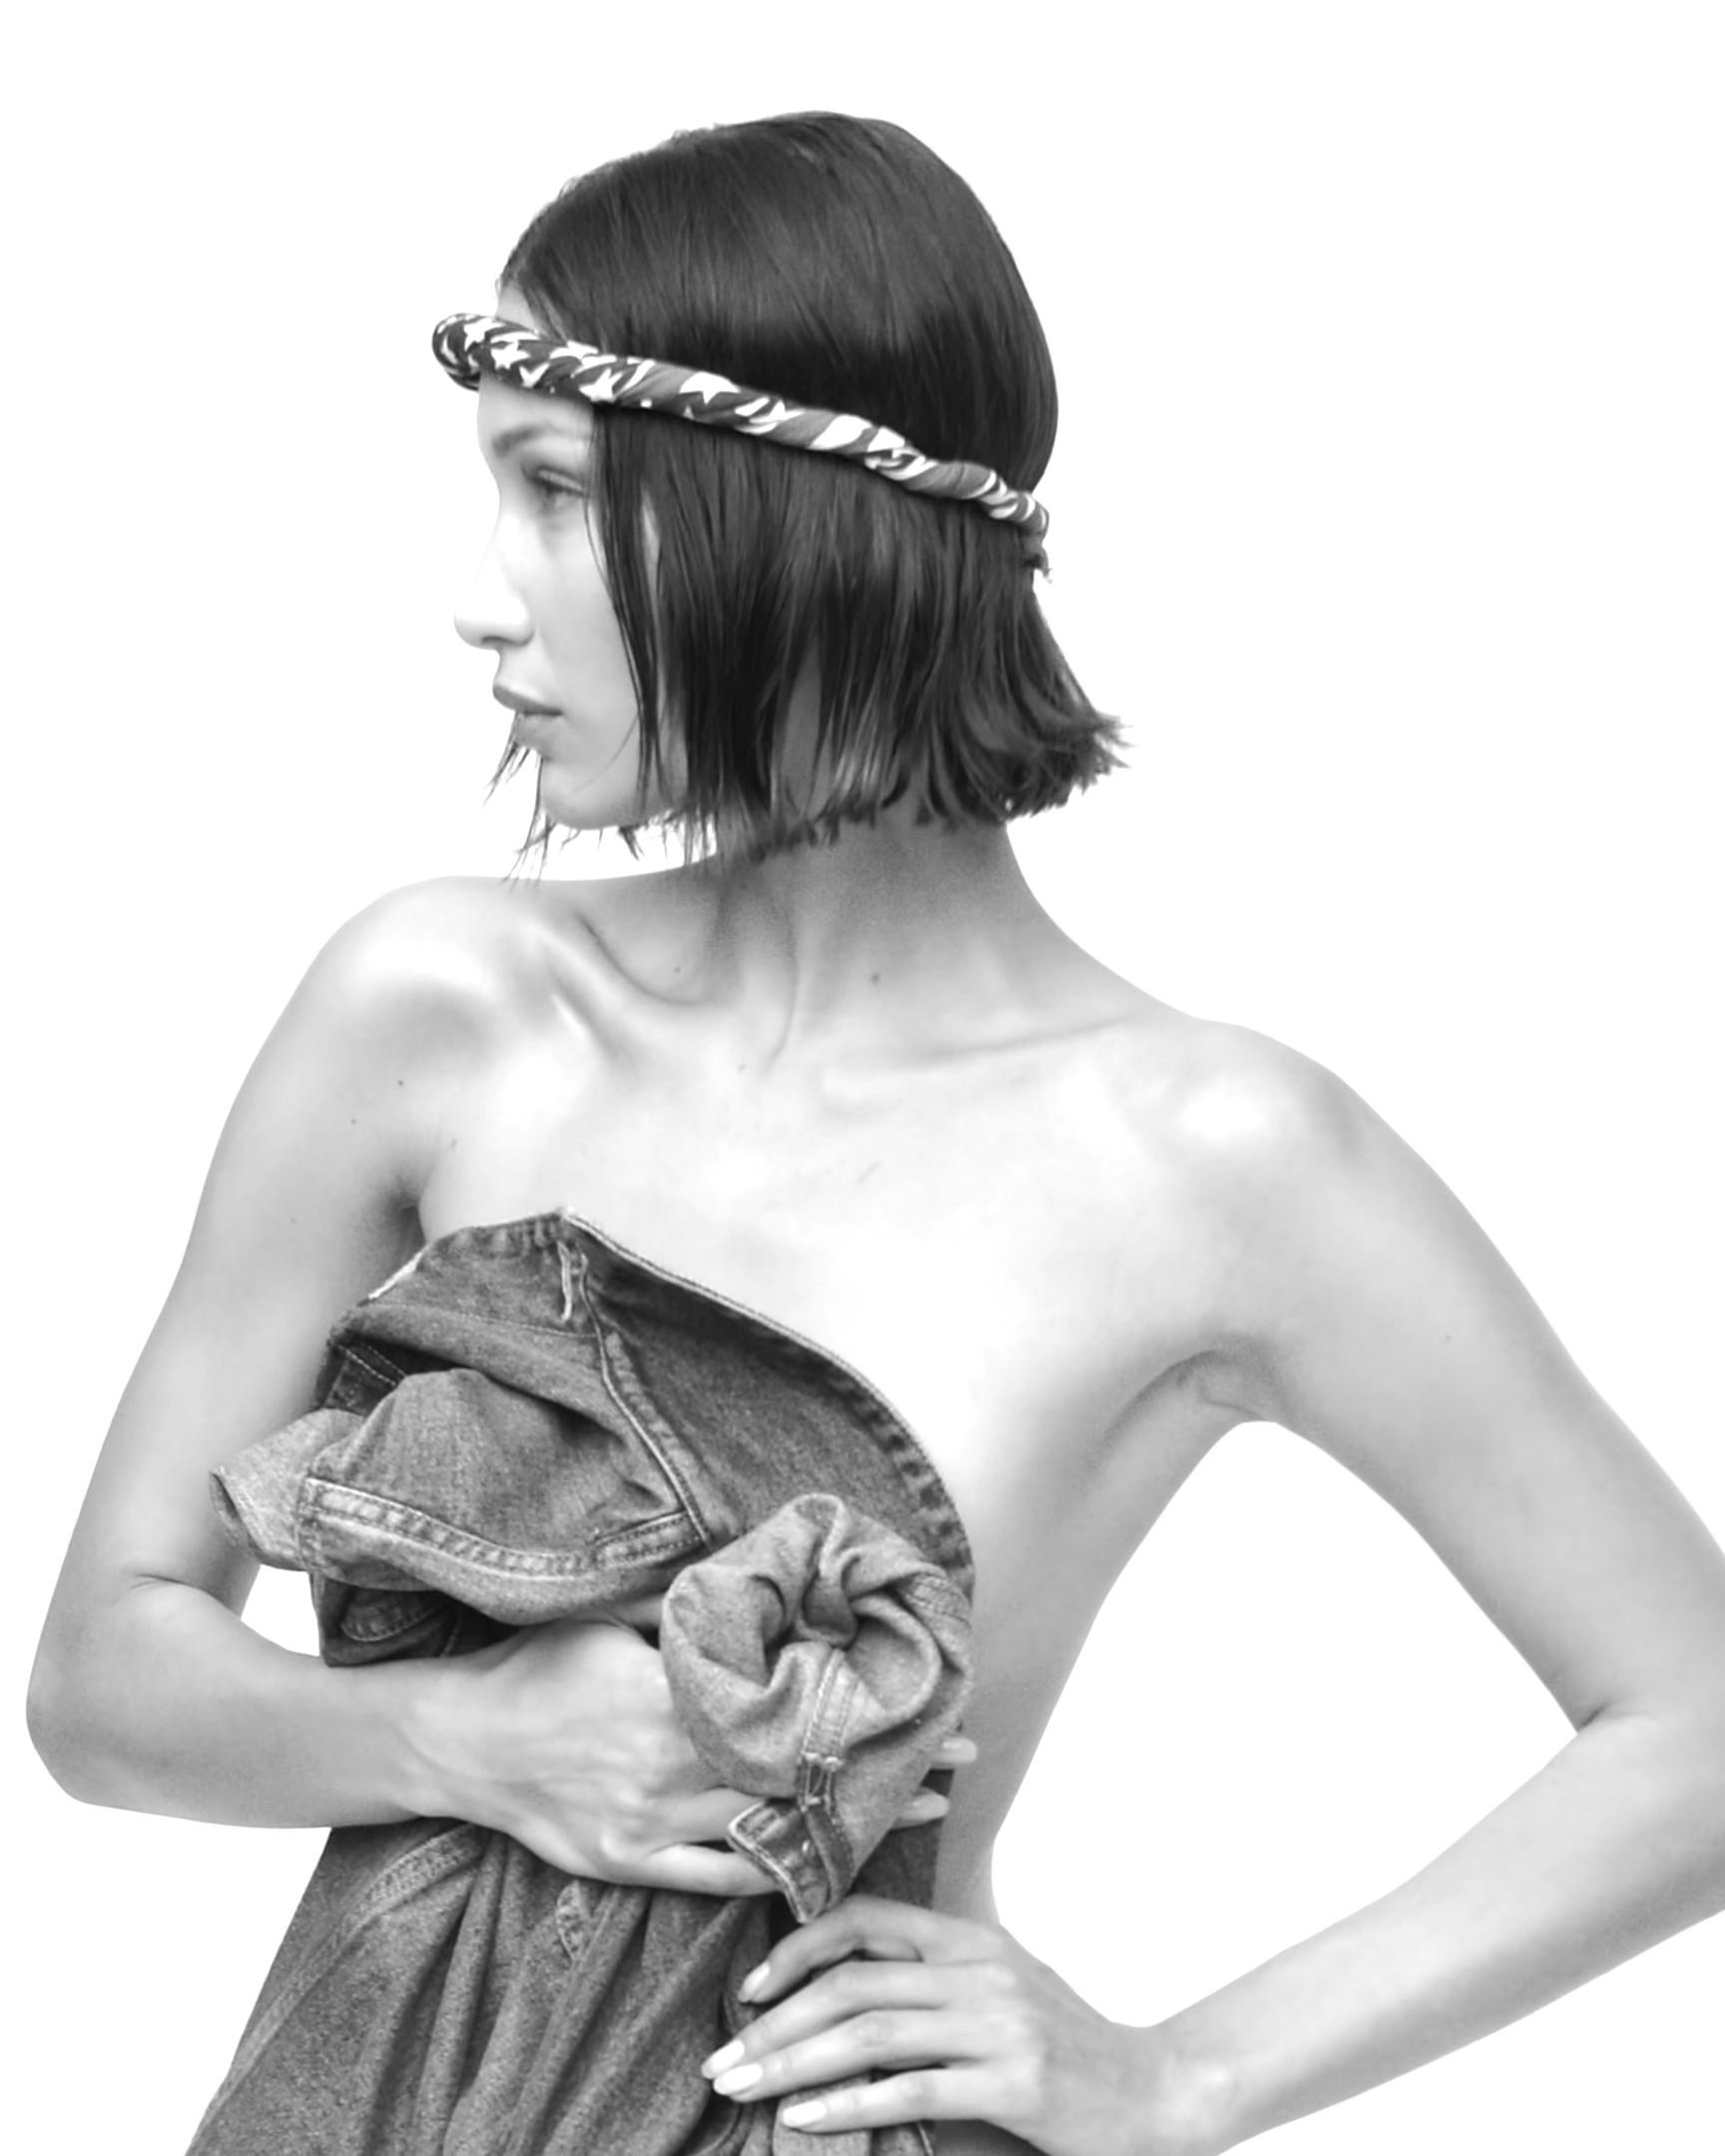 V Magazine 2020 Nude Calendar 0030